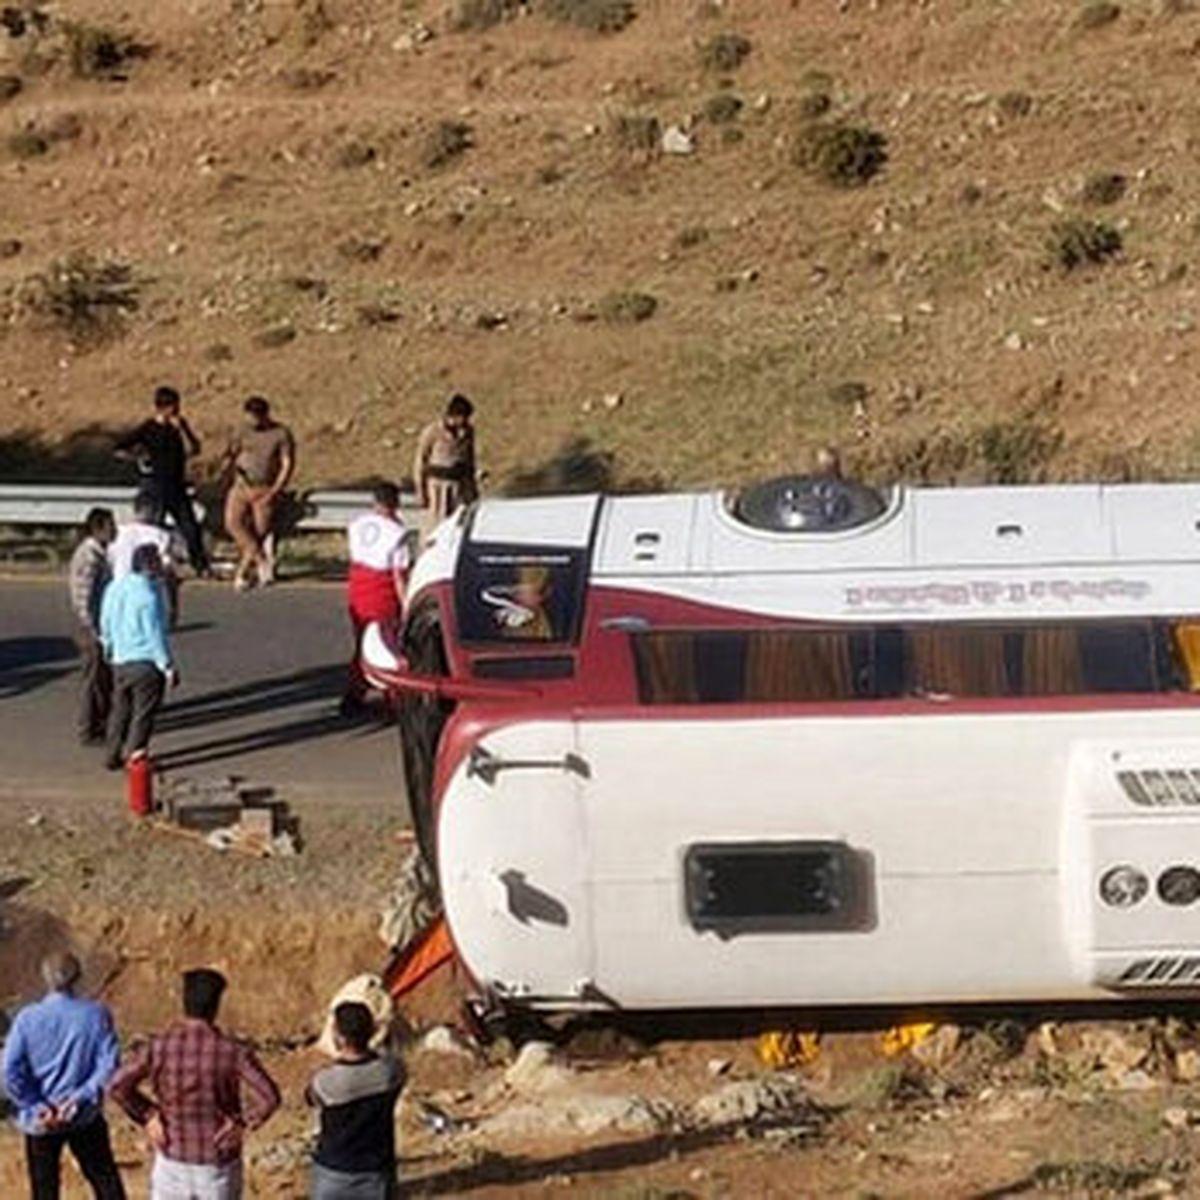 روایتهای تکاندهنده بازماندگان حادثه واژگونی اتوبوس خبرنگاران